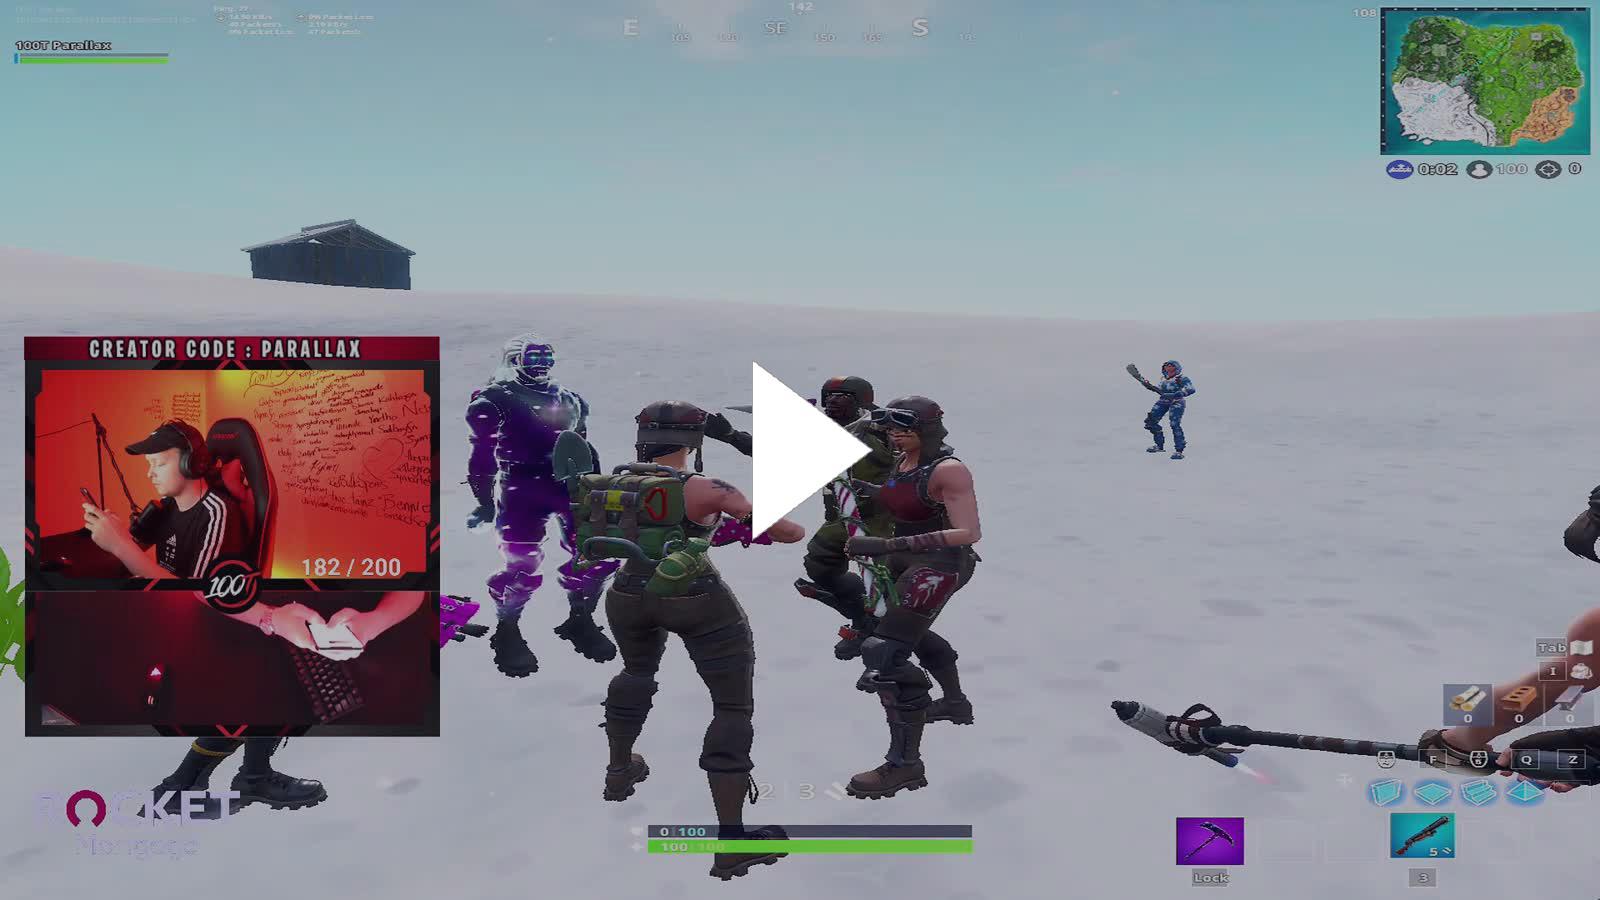 Parallax - BIG flex squad - Twitch